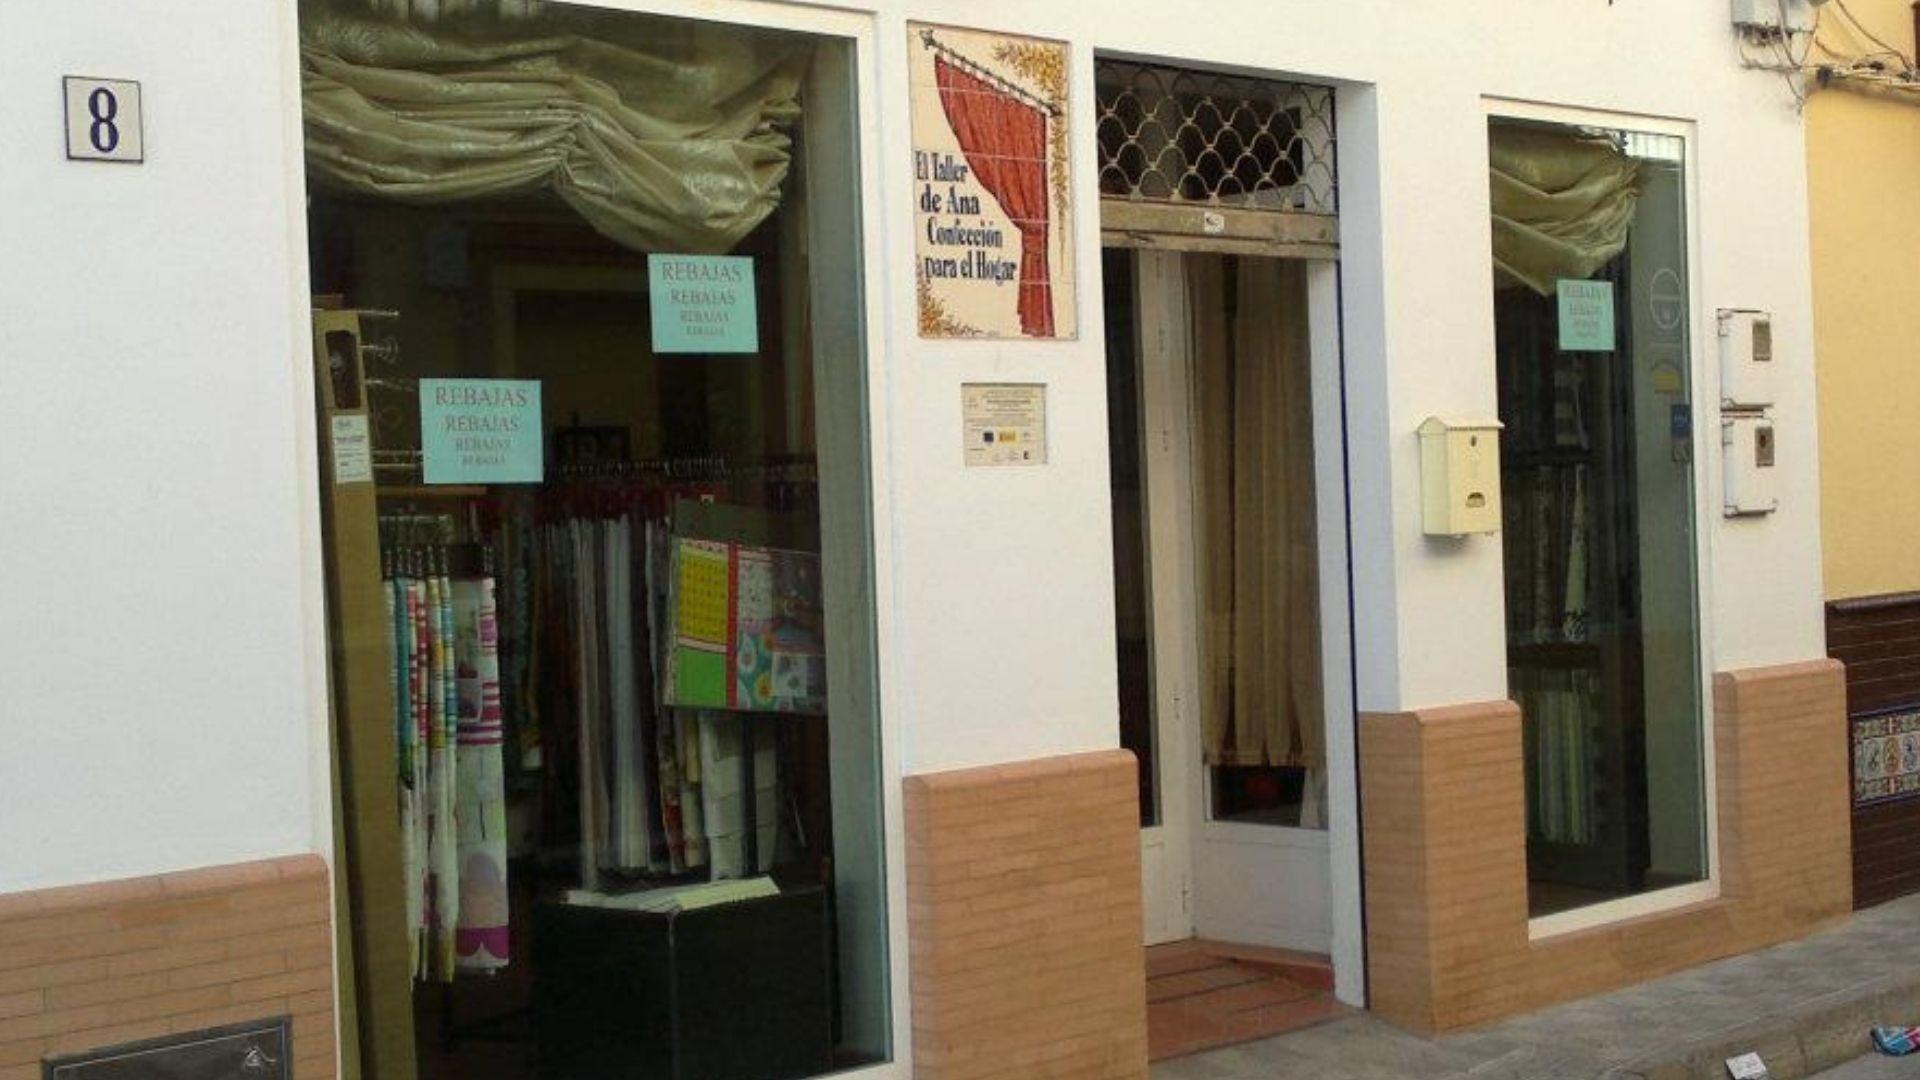 Taller especializado en confecciones para el hogar en Benacazón, Sevilla